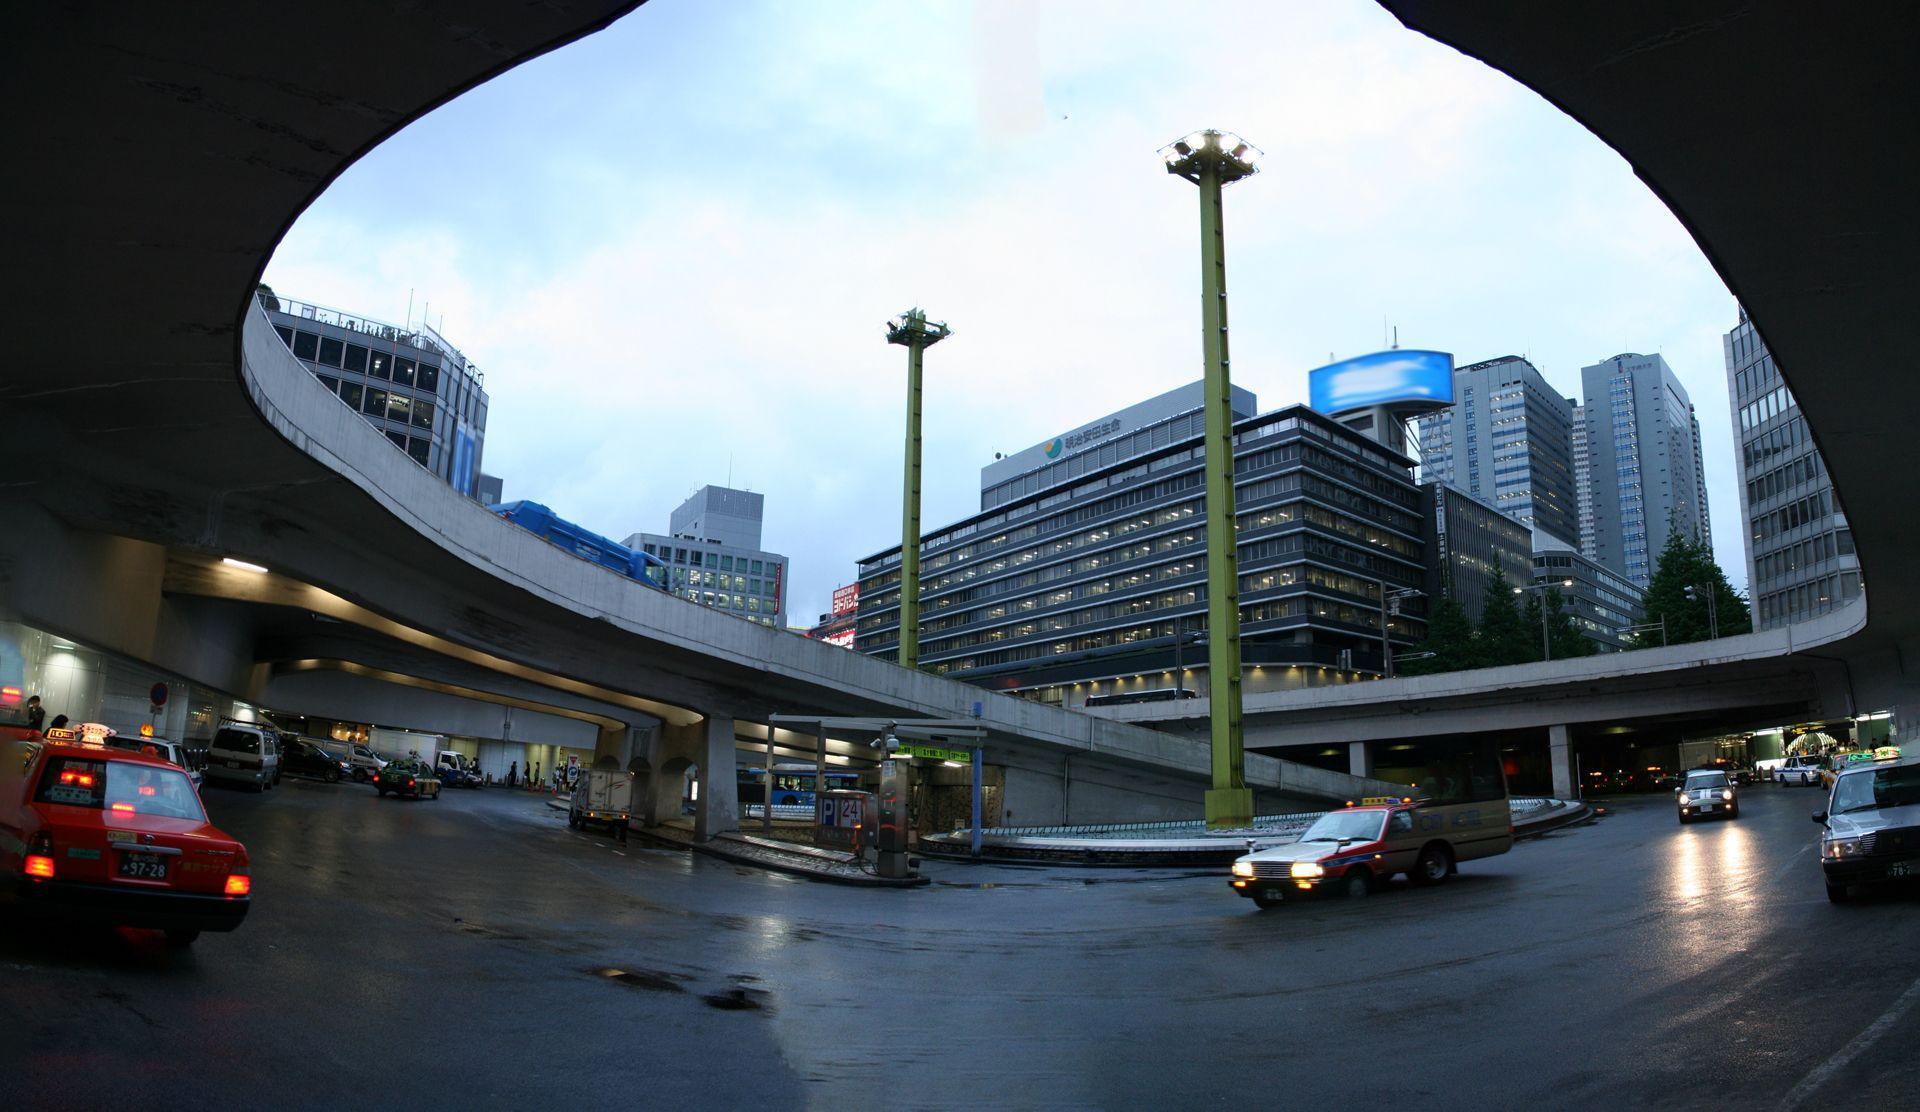 Shinjuku Train Station photo by Dave Pasciuto